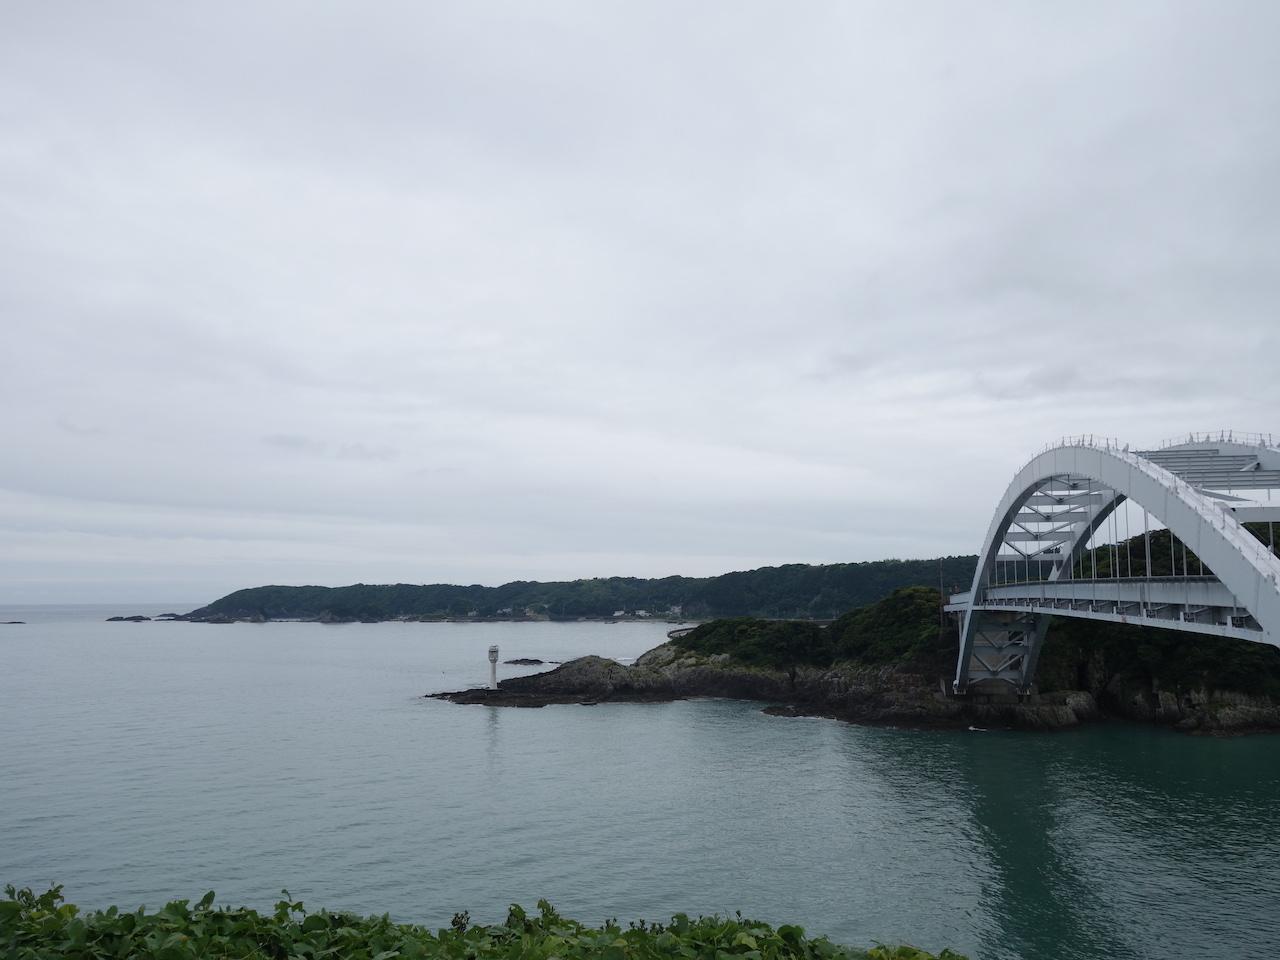 潮岬まで行ったなら大島も攻めよう!橋で繋がってはいるが孤島だった!